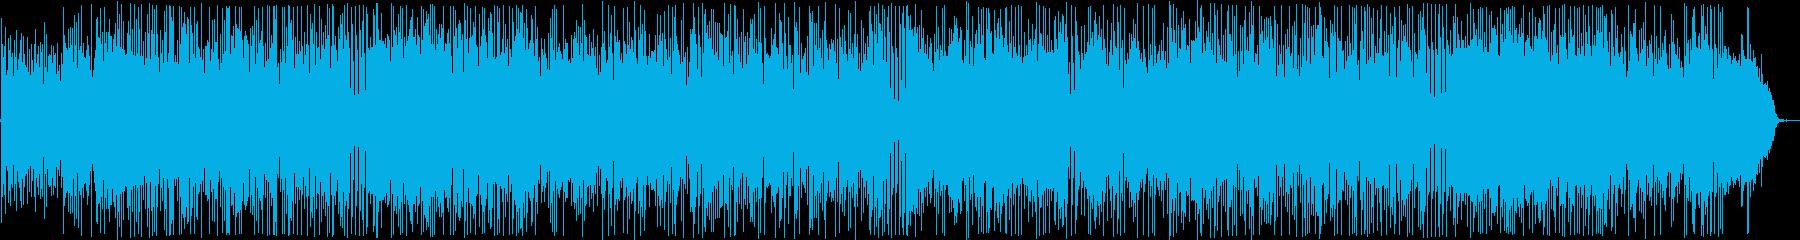 陽気なシンセ・ギターサウンドの再生済みの波形